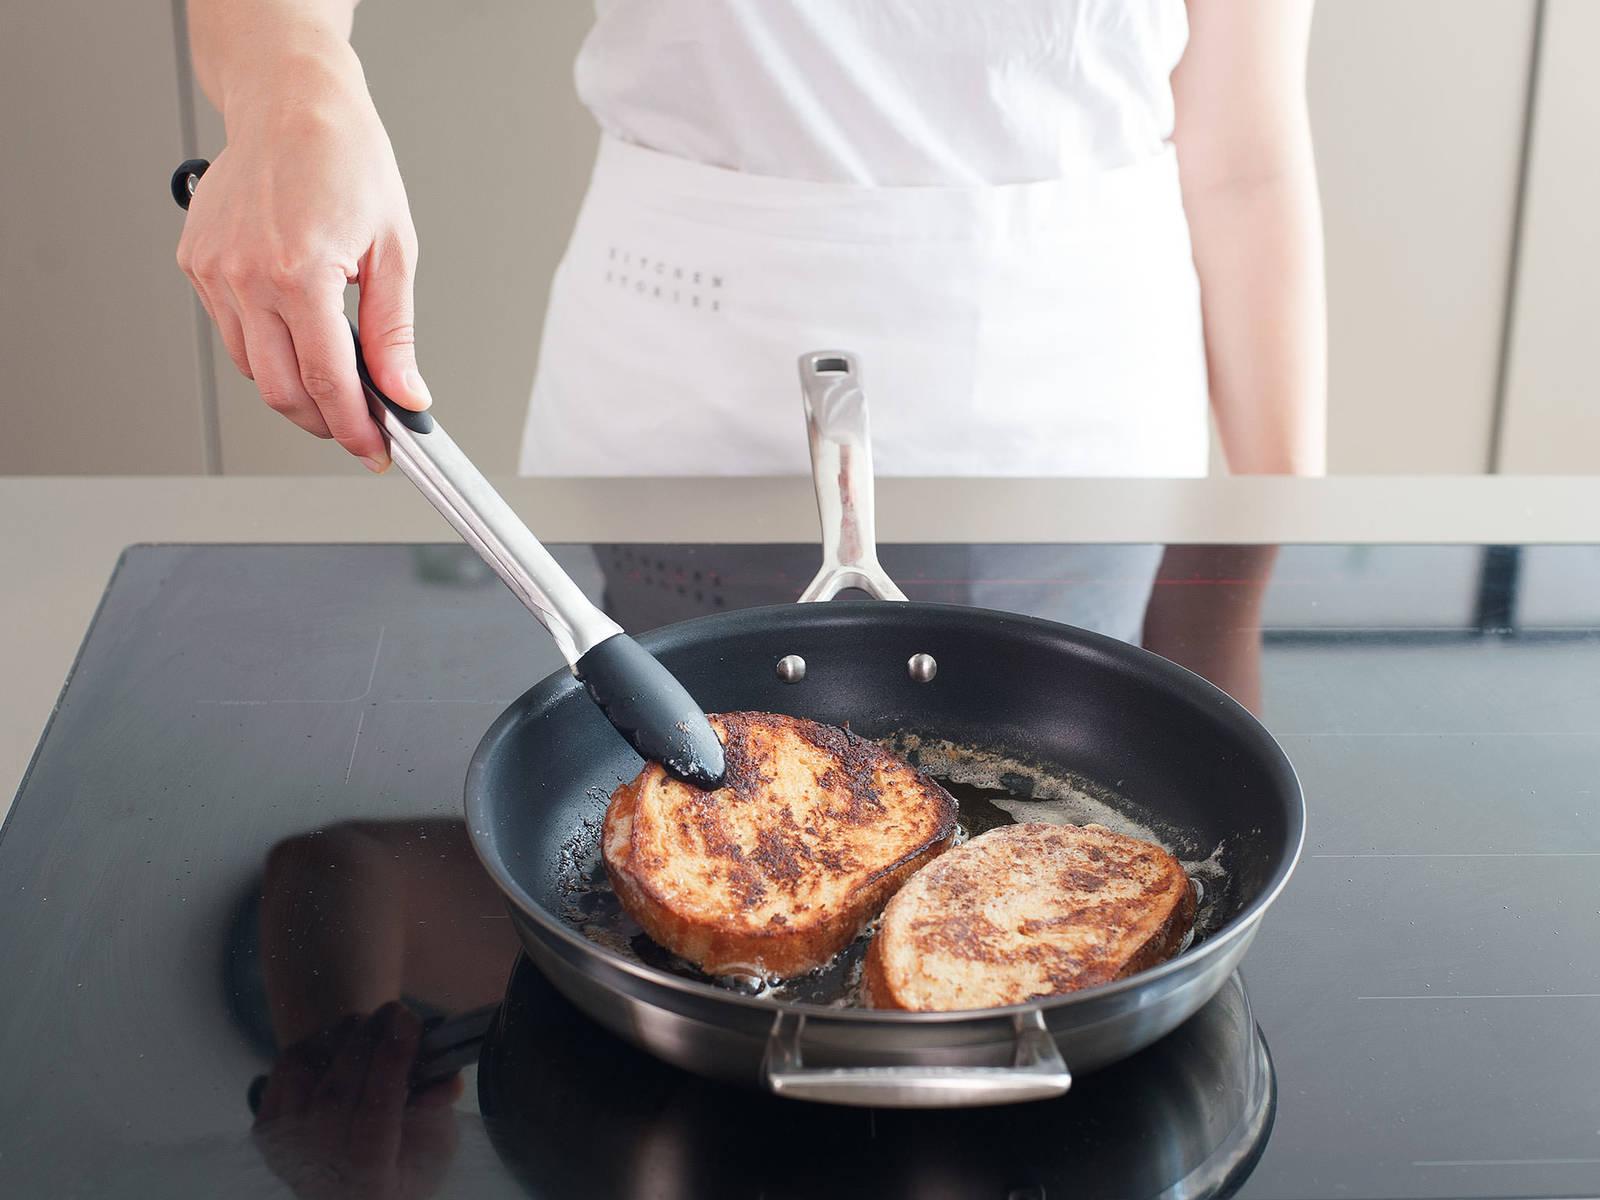 在煎锅中放入黄油,中温将吐司每面煎2-3分钟,至吐司两面呈金黄色。对角切开,佐以枫糖浆即可享用。